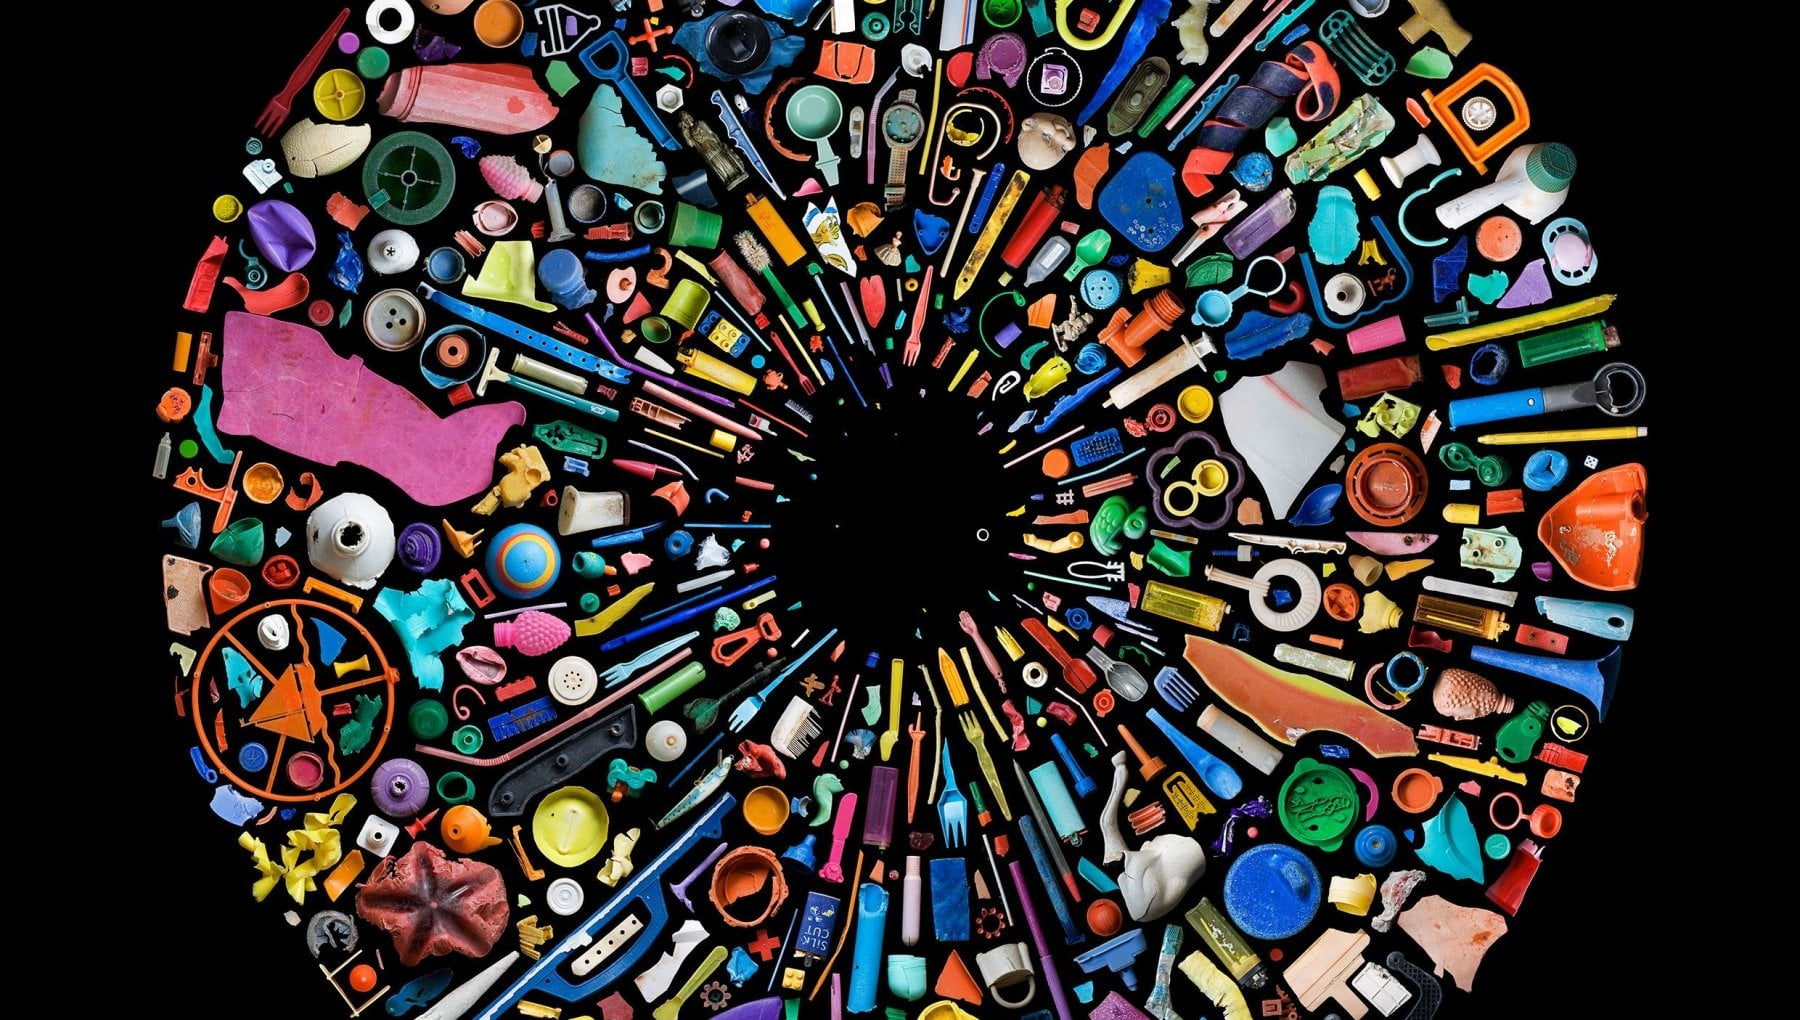 Mandy Barker Io artista della plastica in difesa del pianeta